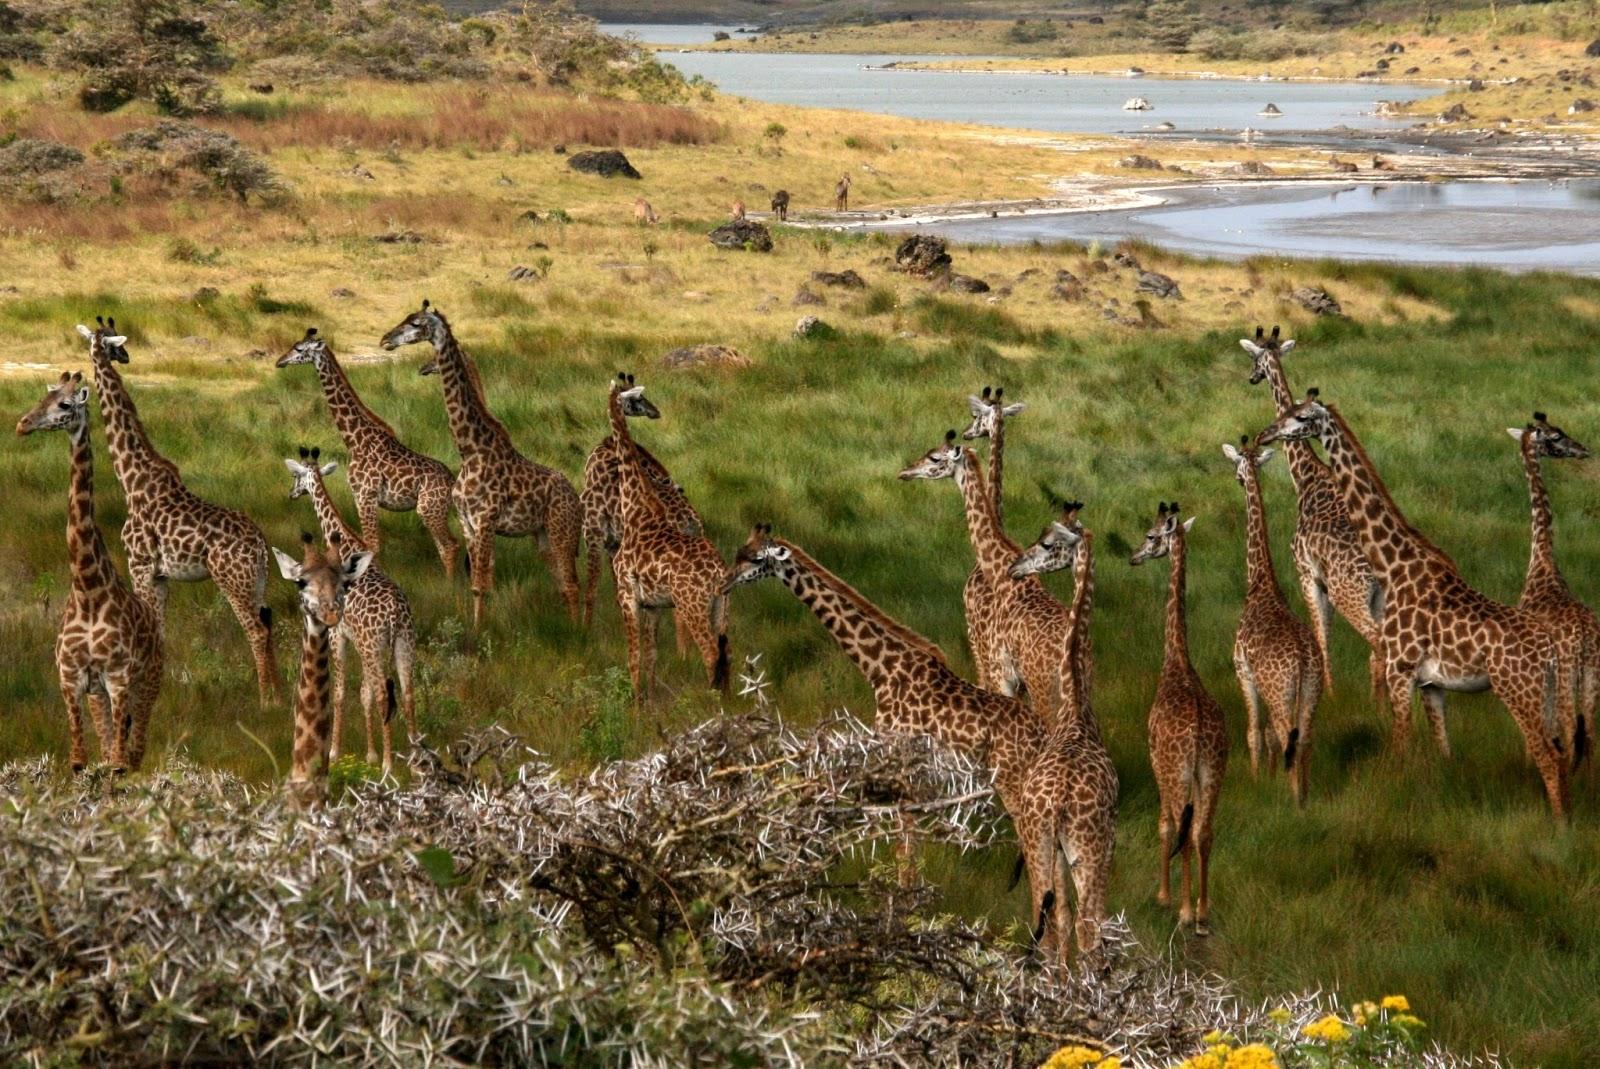 Kết quả hình ảnh cho Republic of Zambia tourist attraction